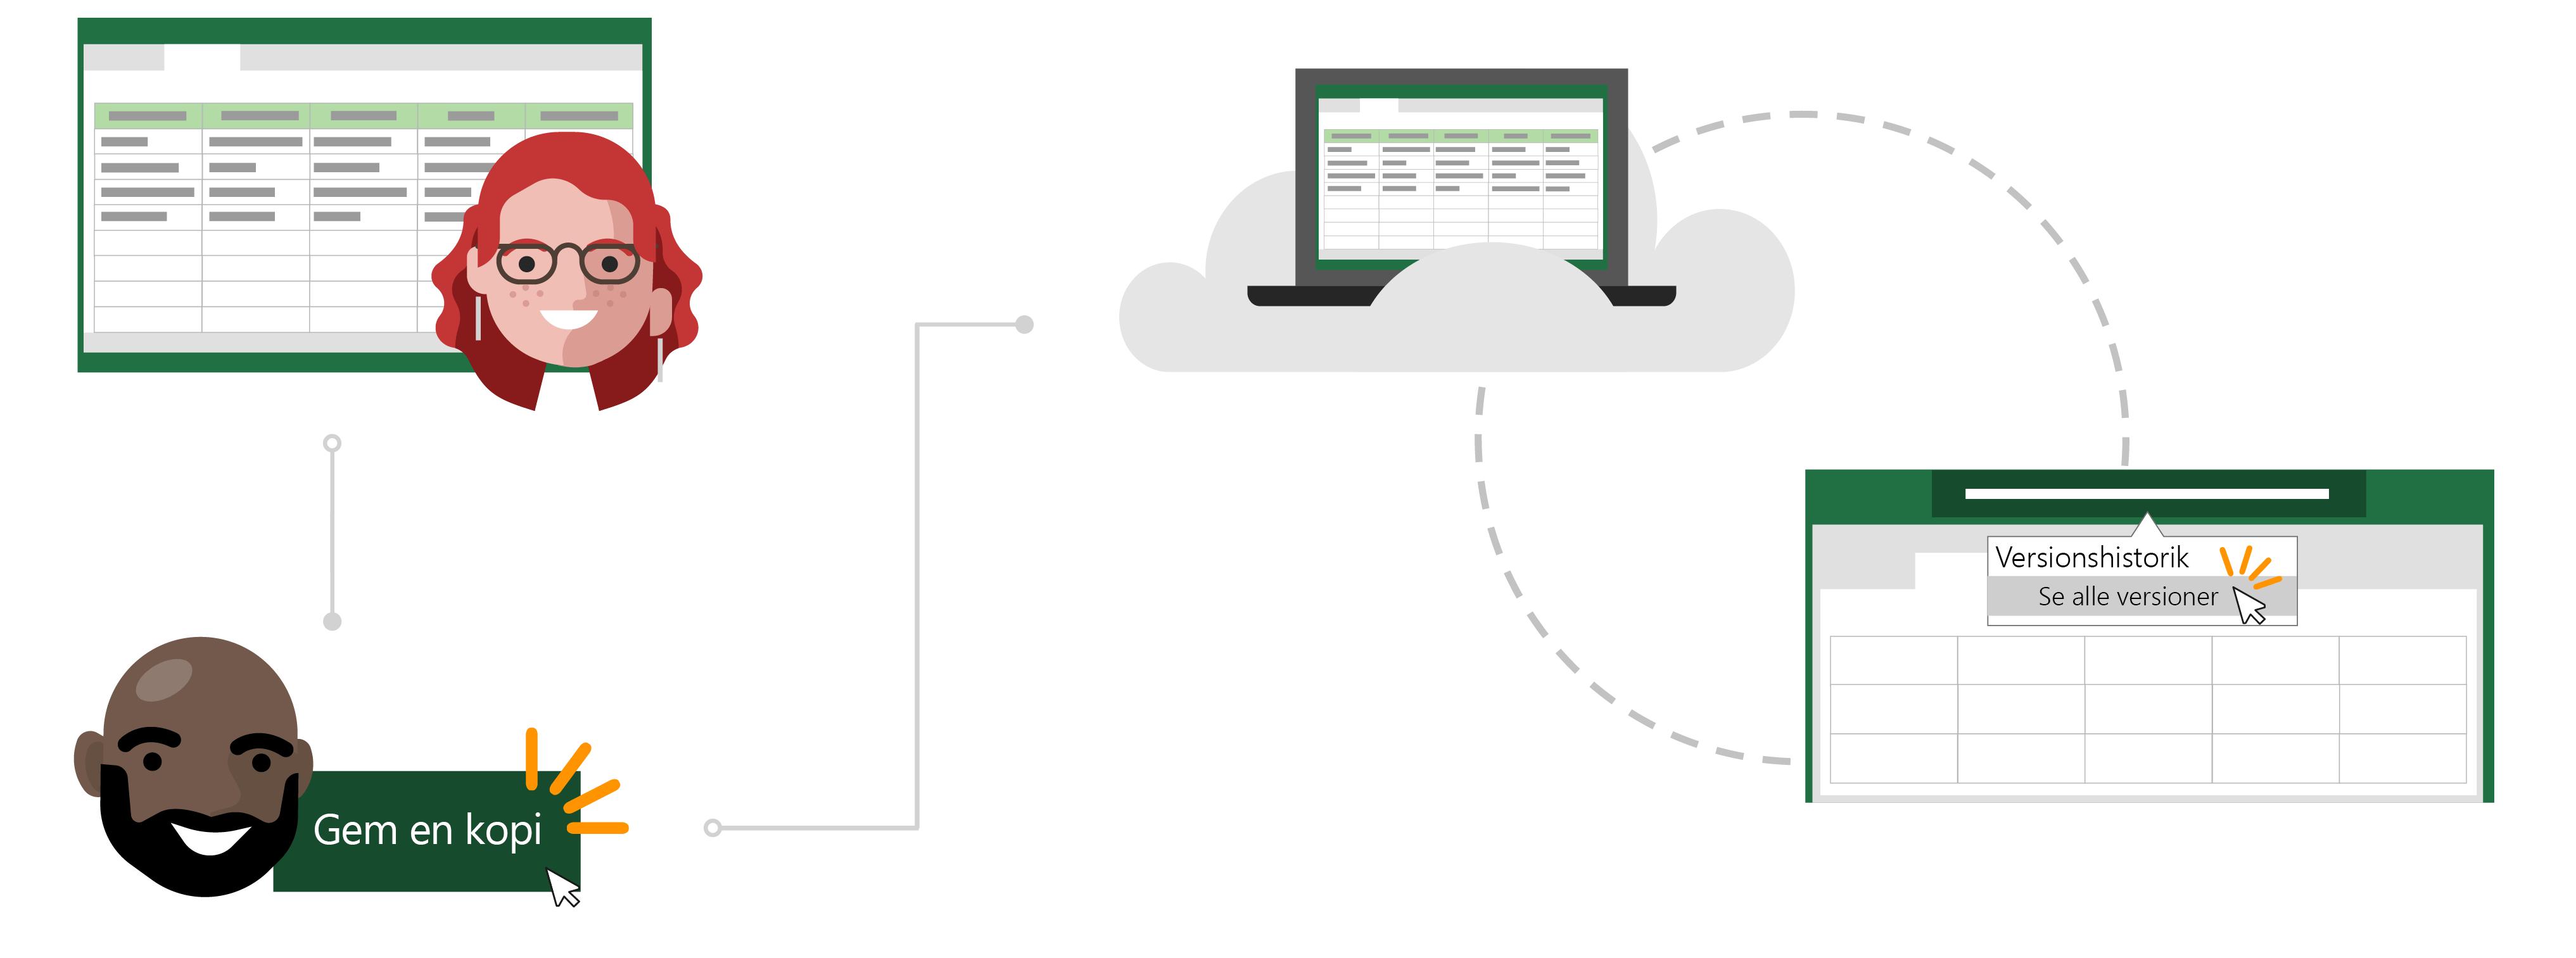 Brug en eksisterende fil i skyen som en skabelon til en ny fil ved hjælp af Gem en kopi.